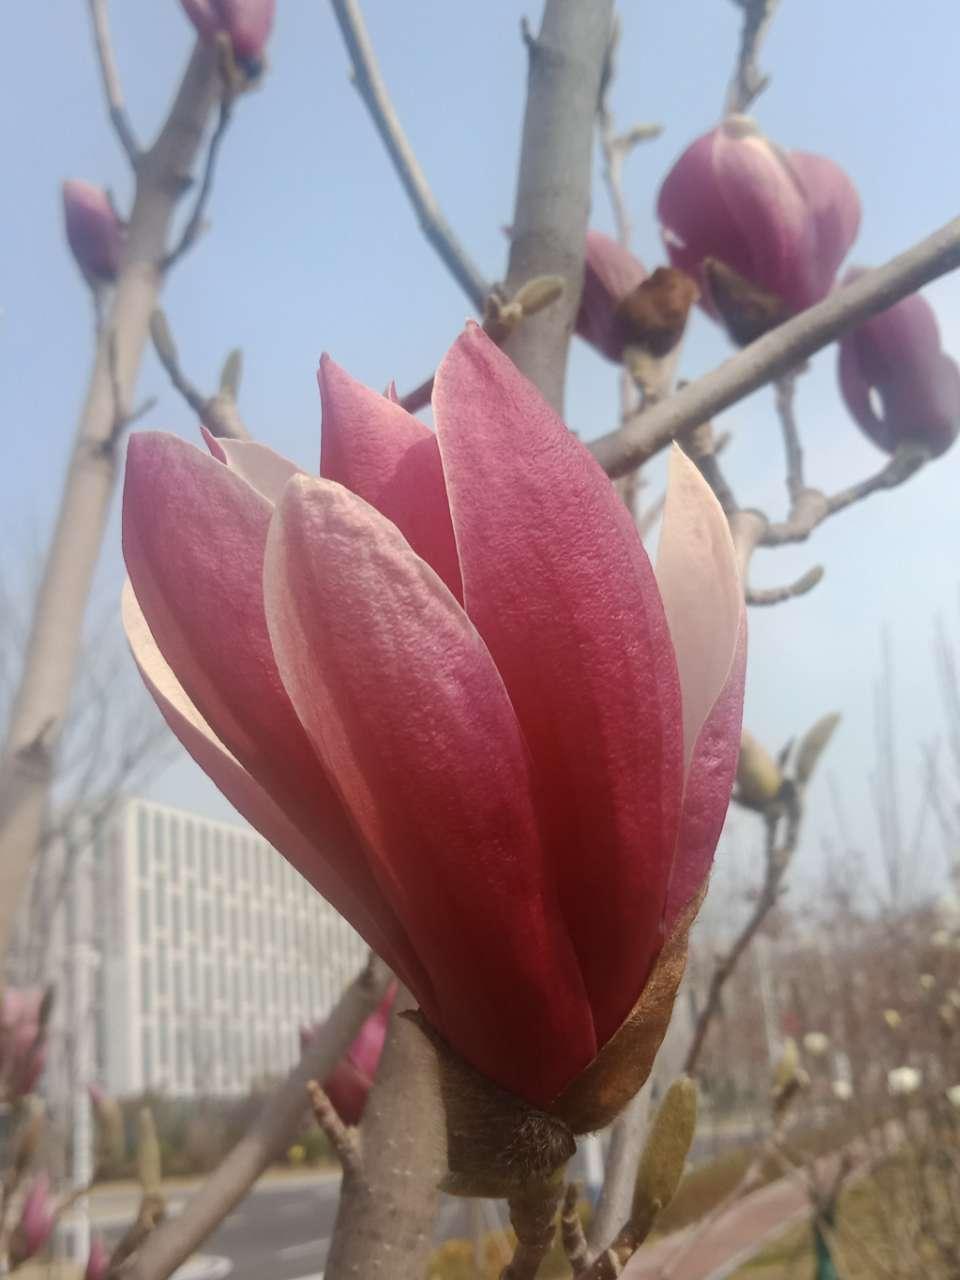 白玉兰花,紫玉兰花,好像会动-13.jpg